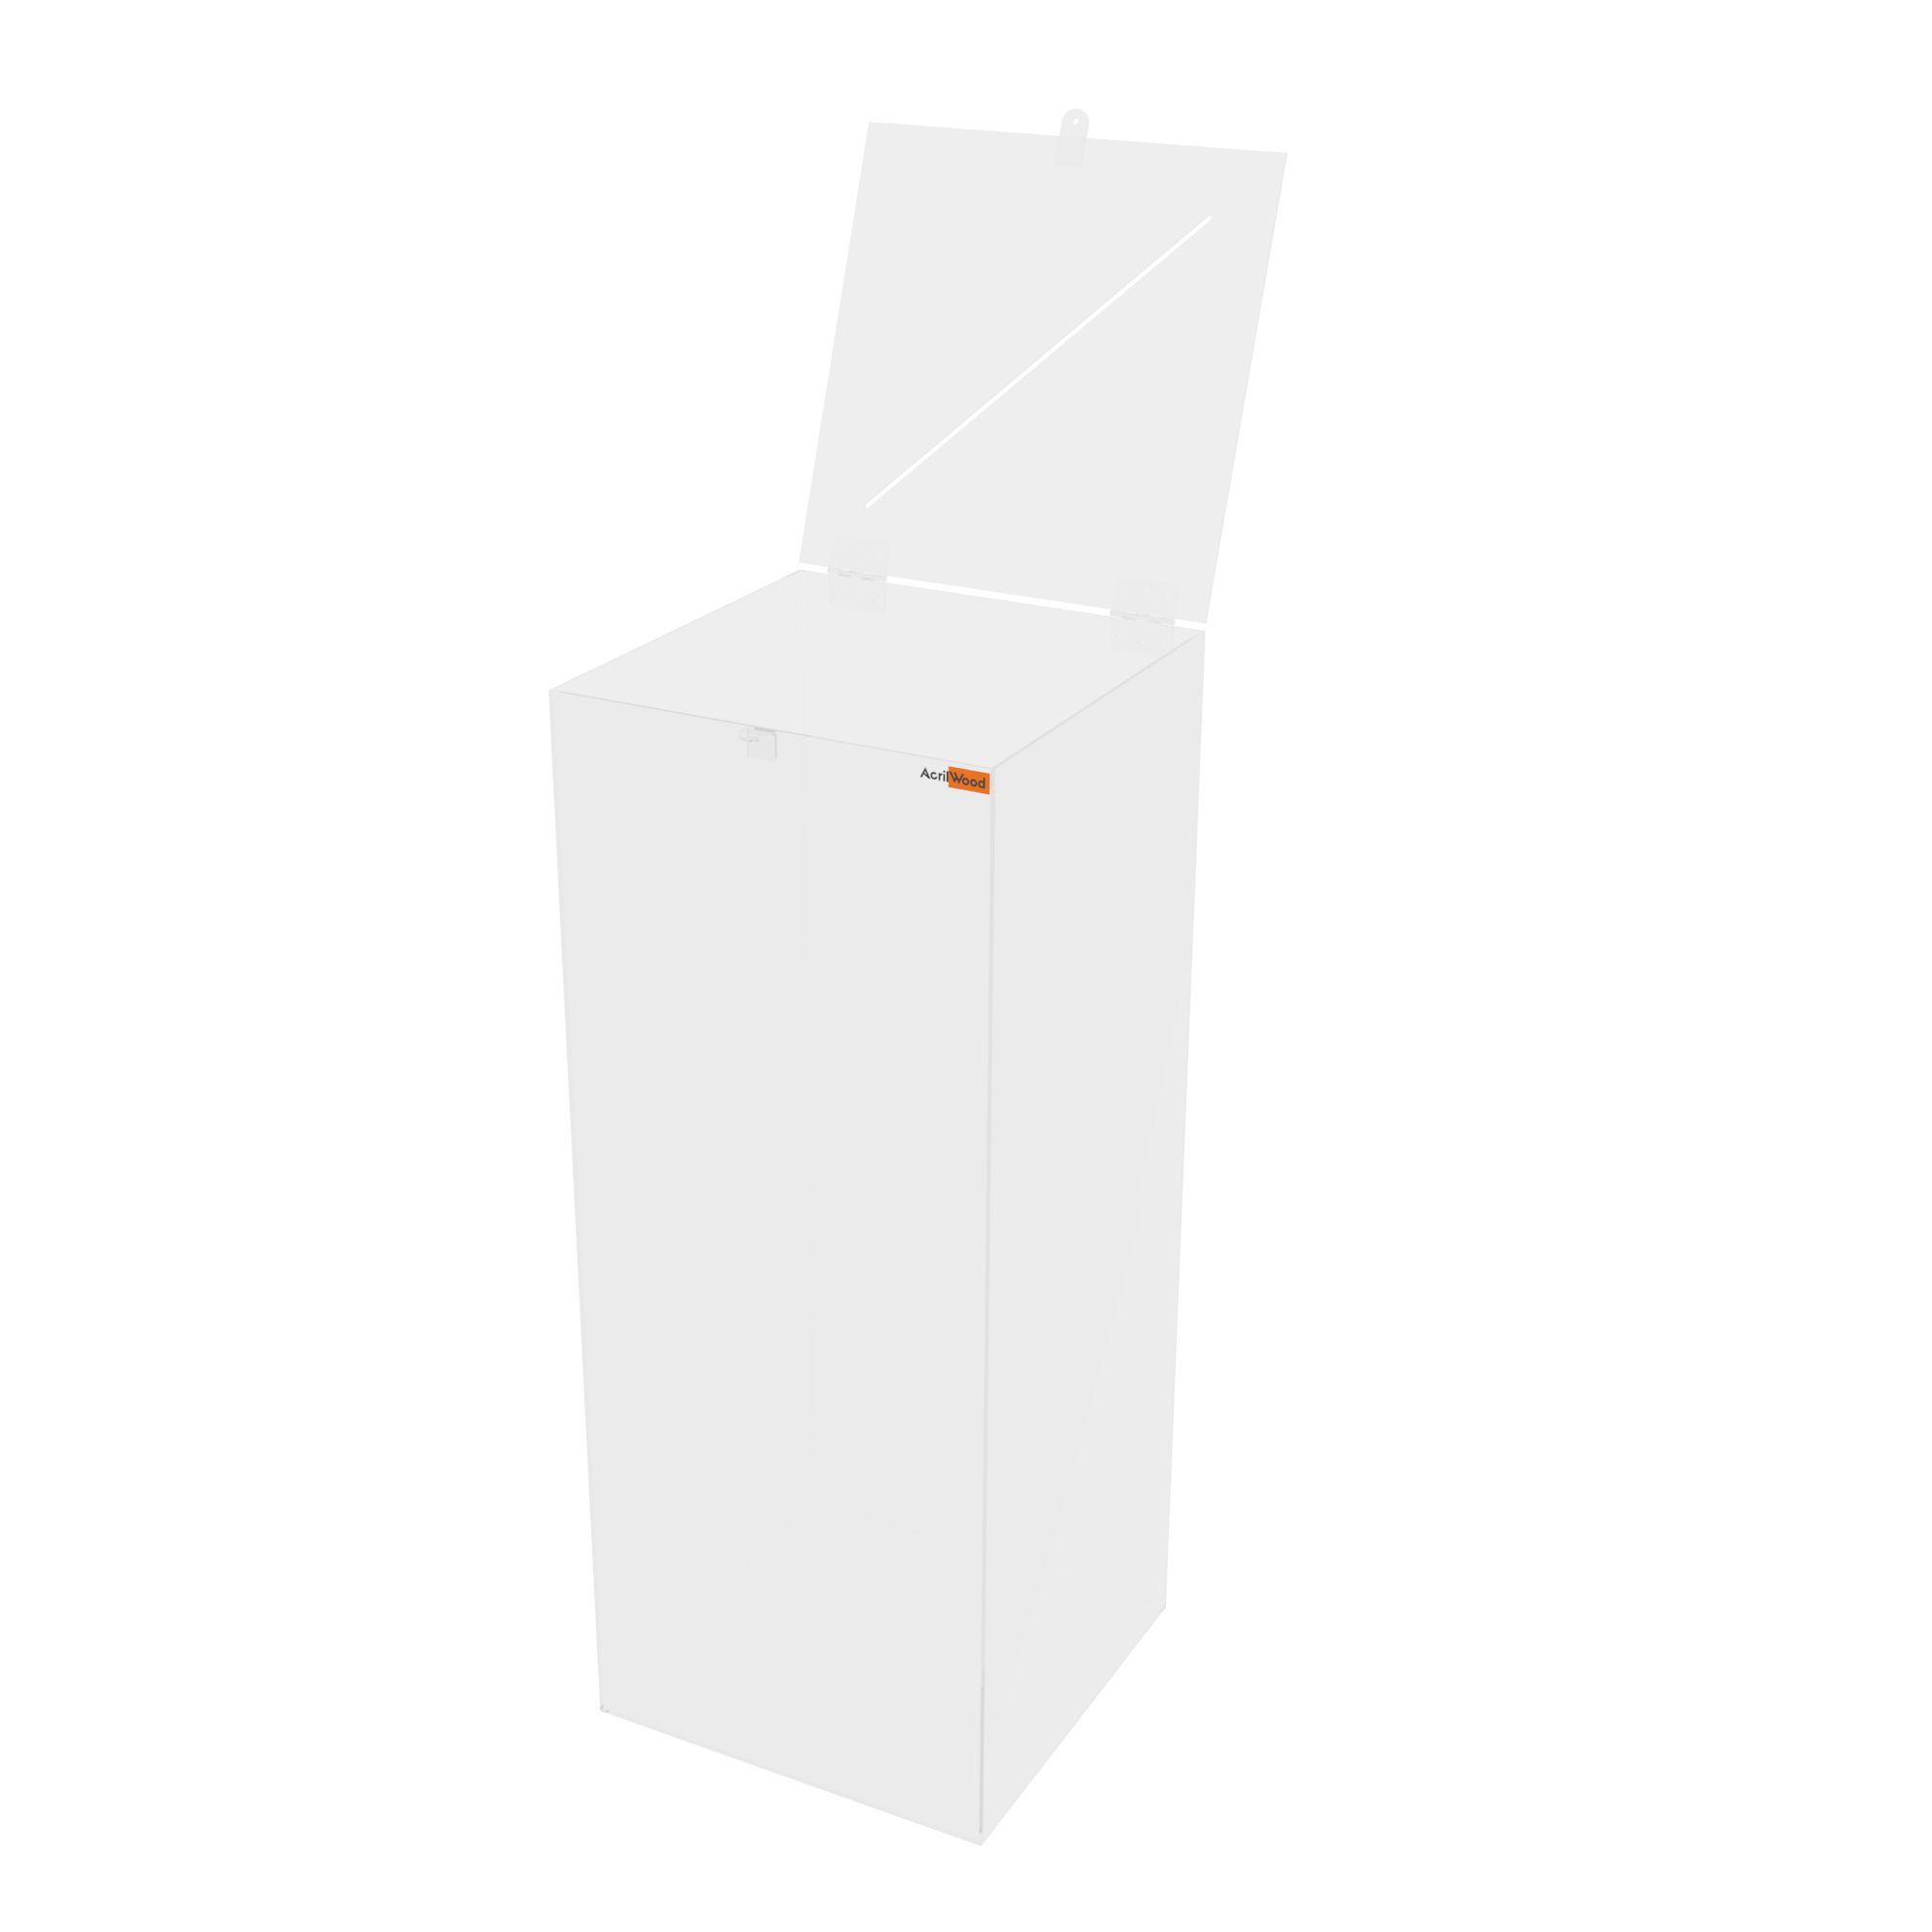 Urna Retangular Em Acrílico Cristal - 40x40x100cm